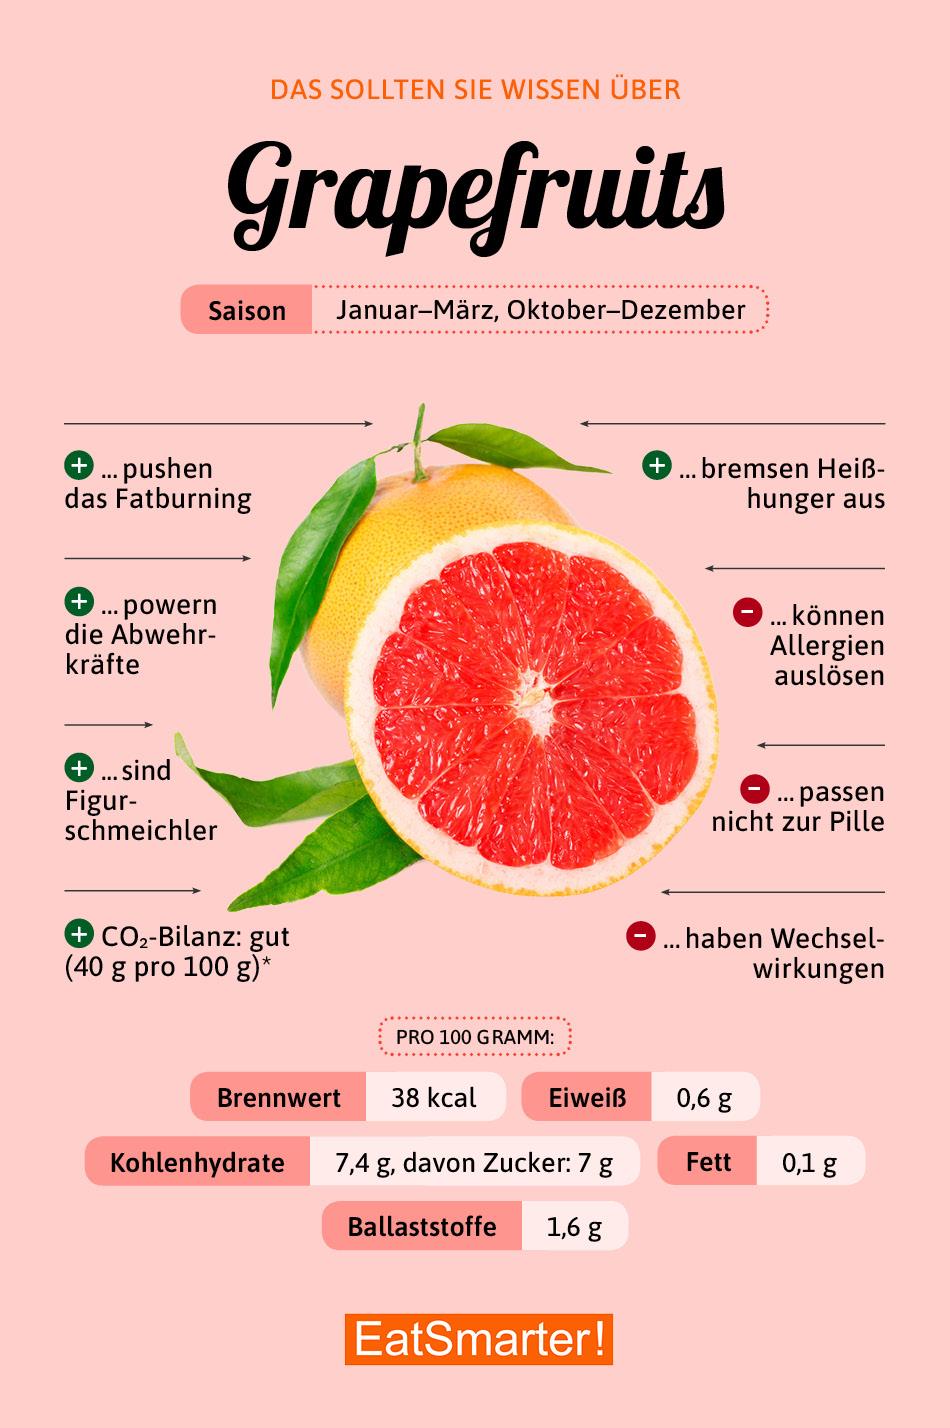 Ist grapefruit gesund für diabetiker